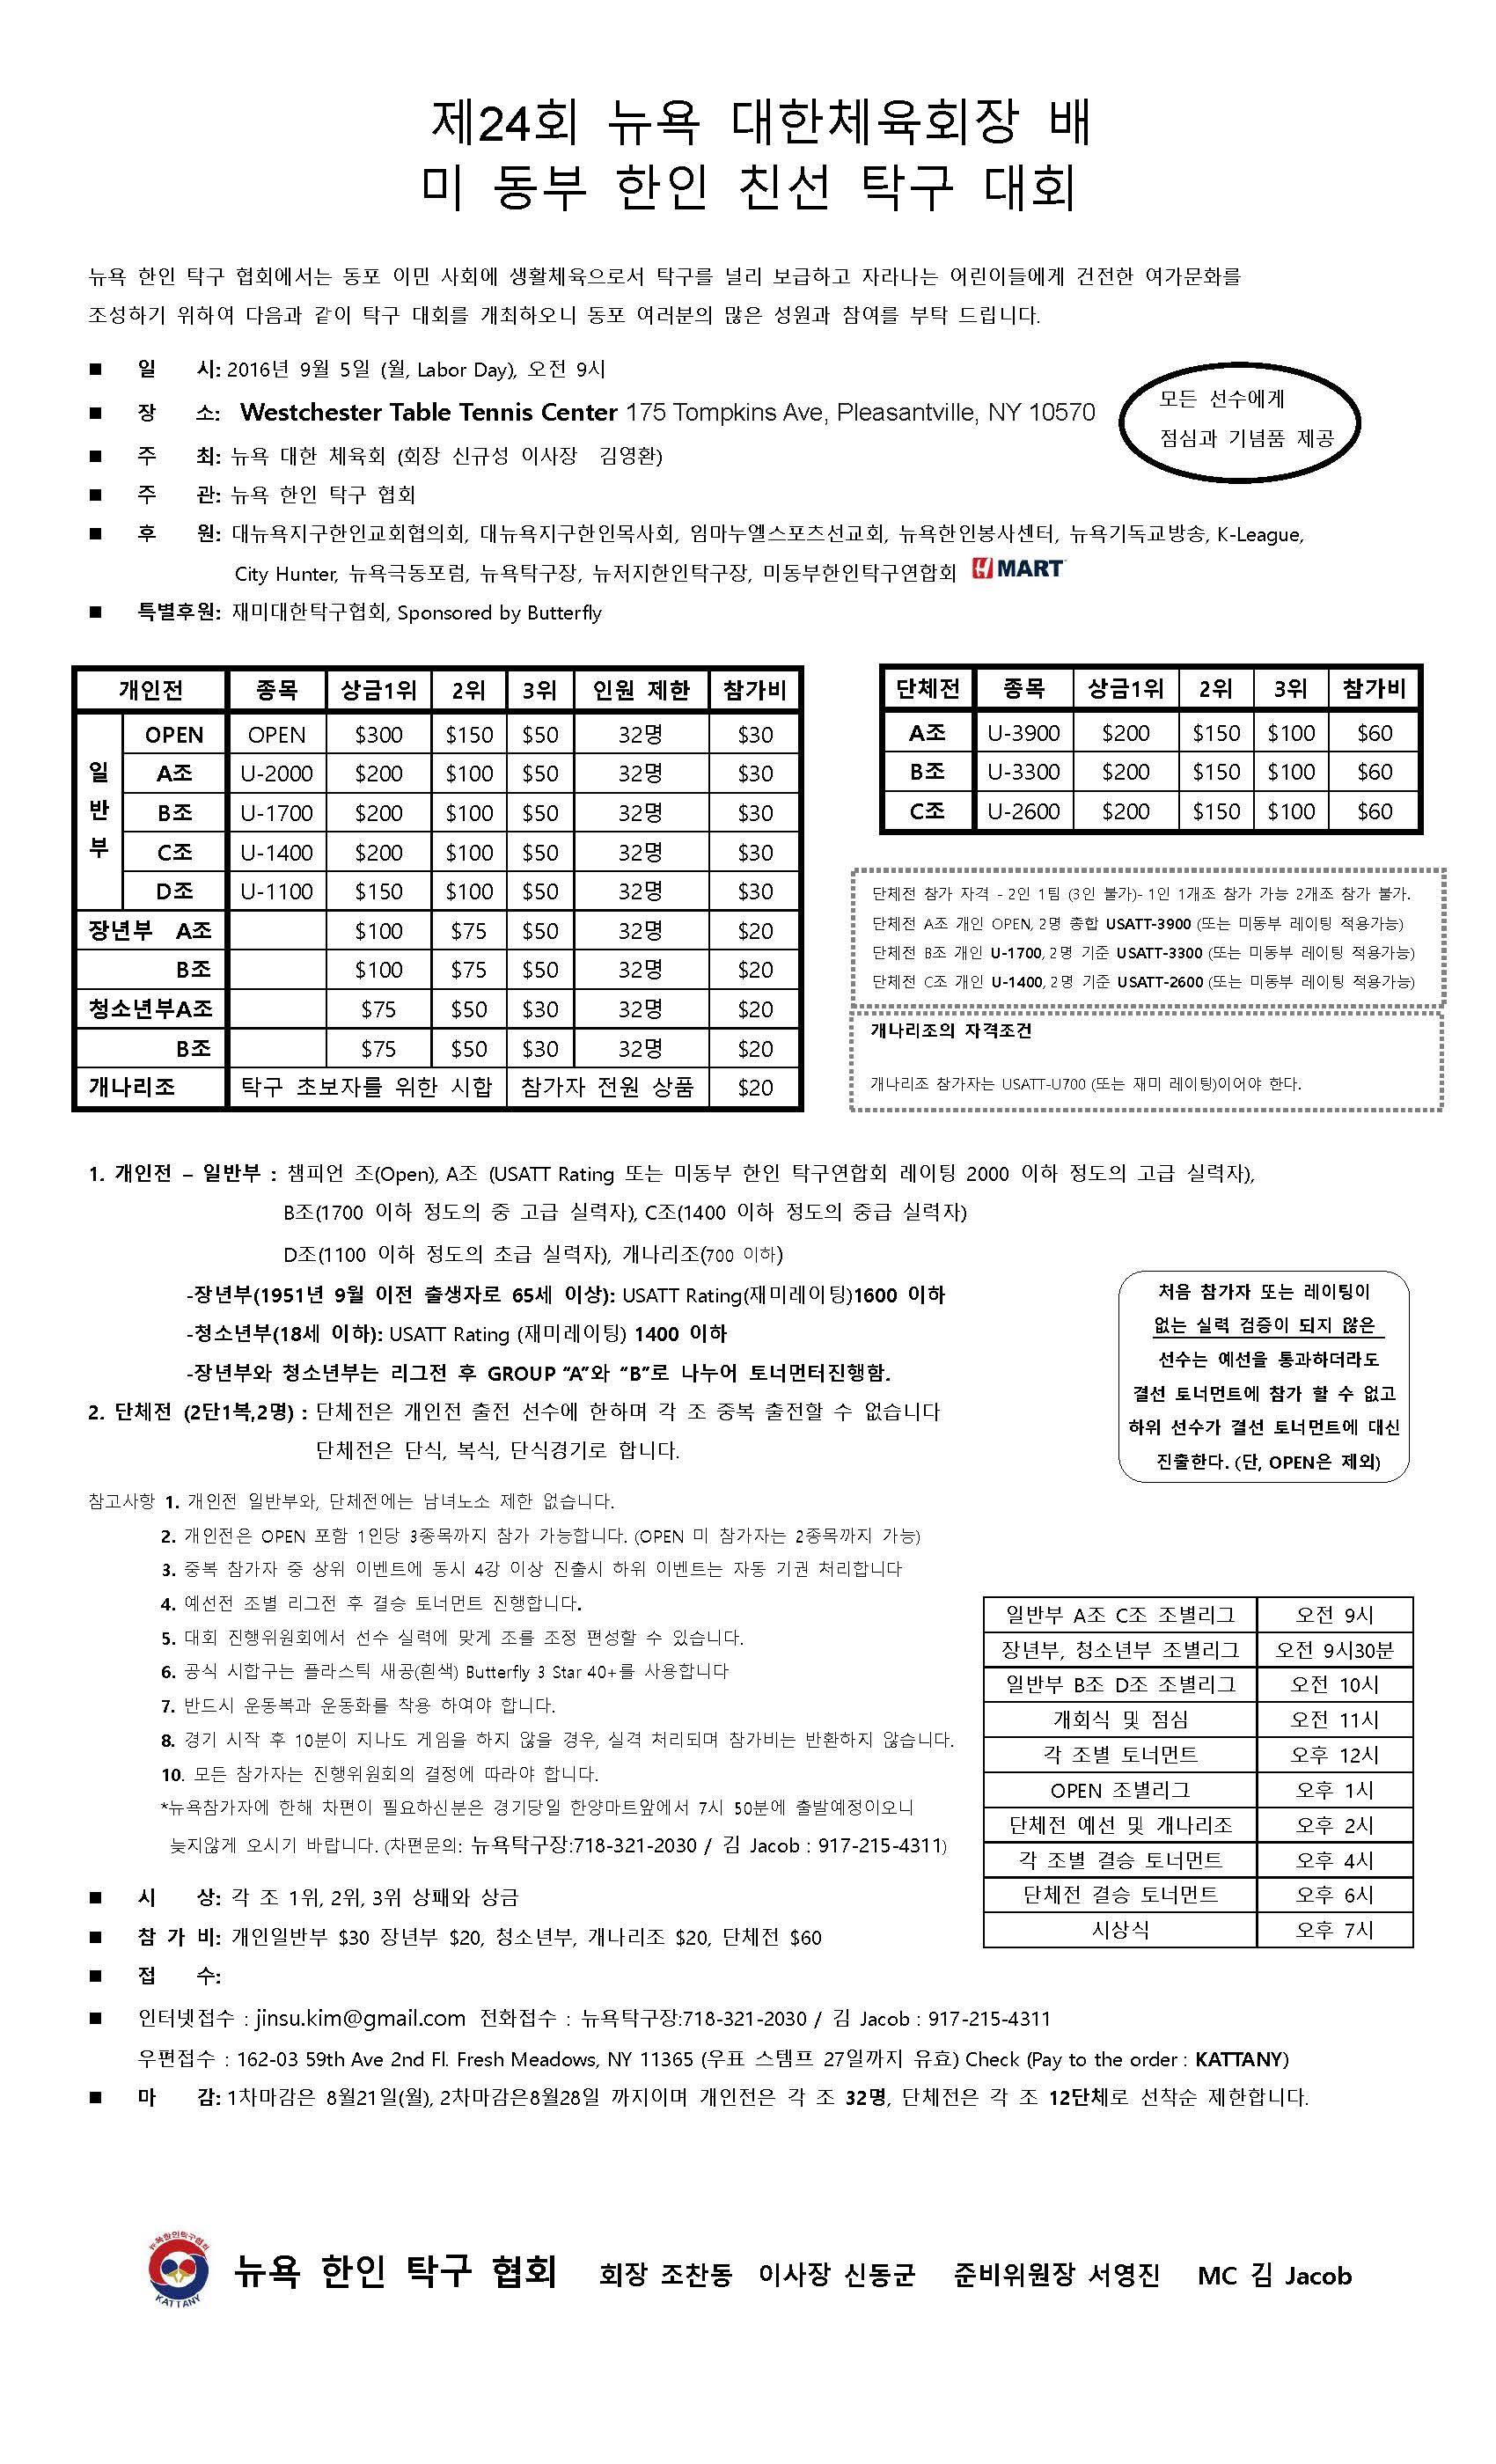 제24회한인체육회장배 탁구대회요강.jpg